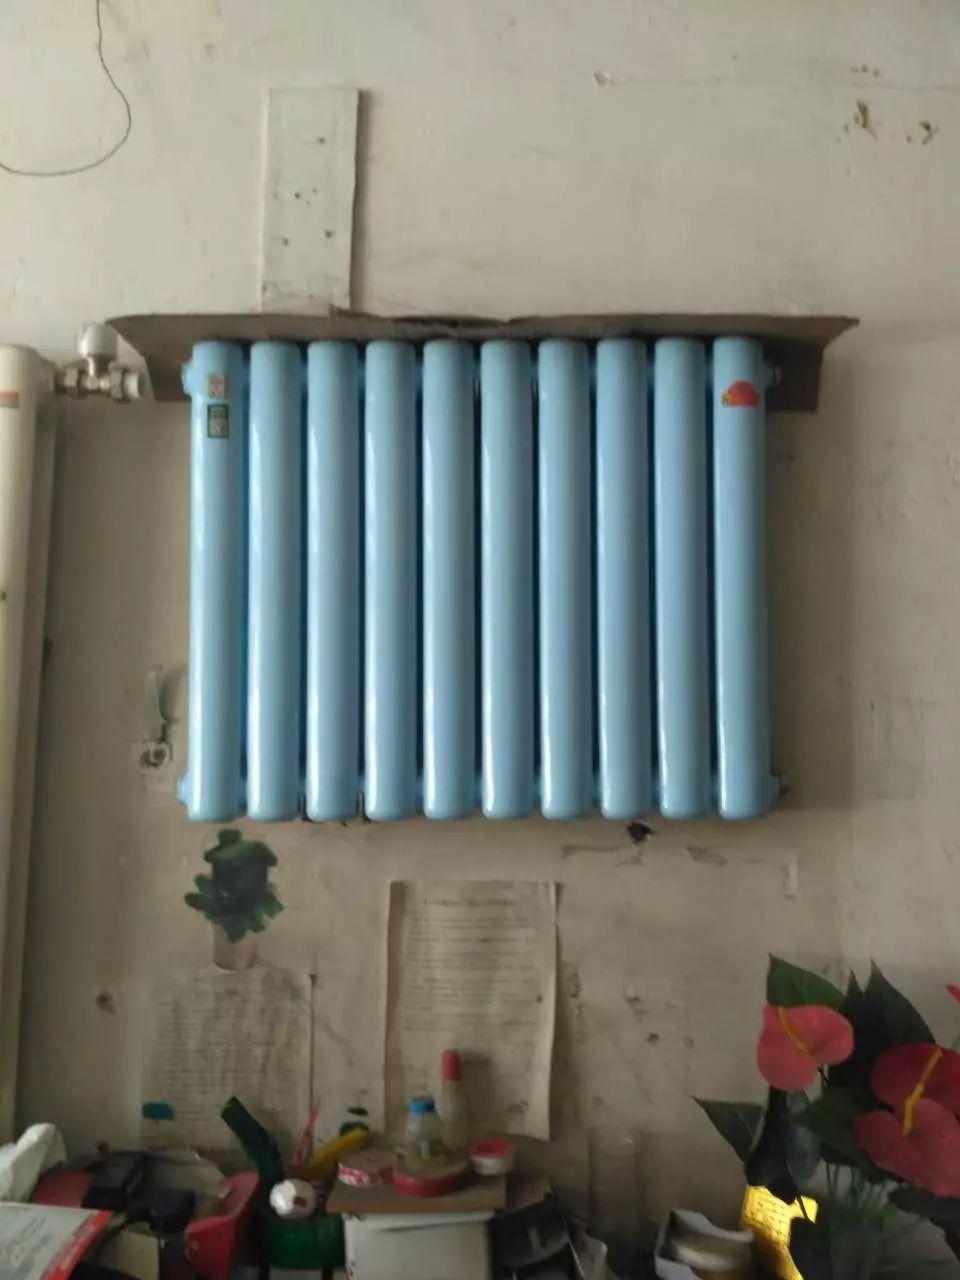 济南无影山 香港国际 专业修暖气 暖气漏水 换跑风阀门水龙头